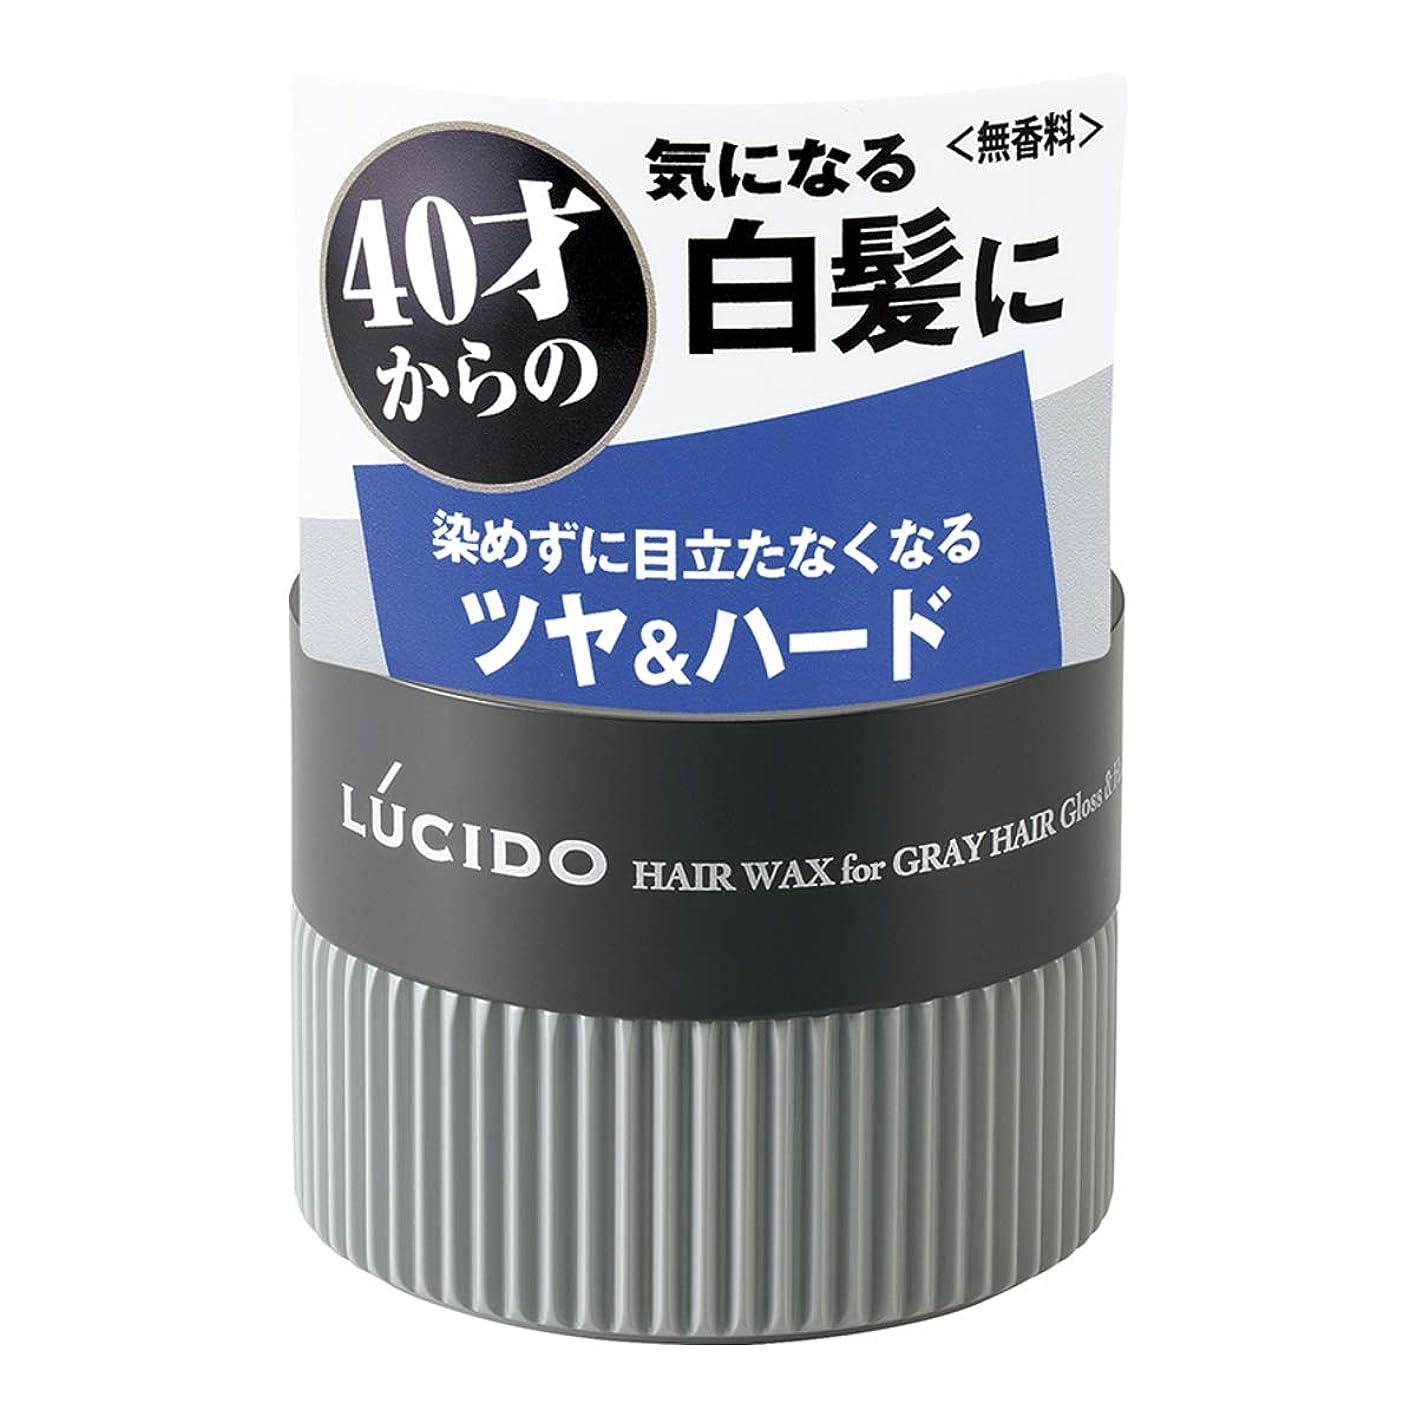 くるみルーキーの慈悲でLUCIDO(ルシード) ヘアワックス 白髪用ワックス グロス&ハード 80g